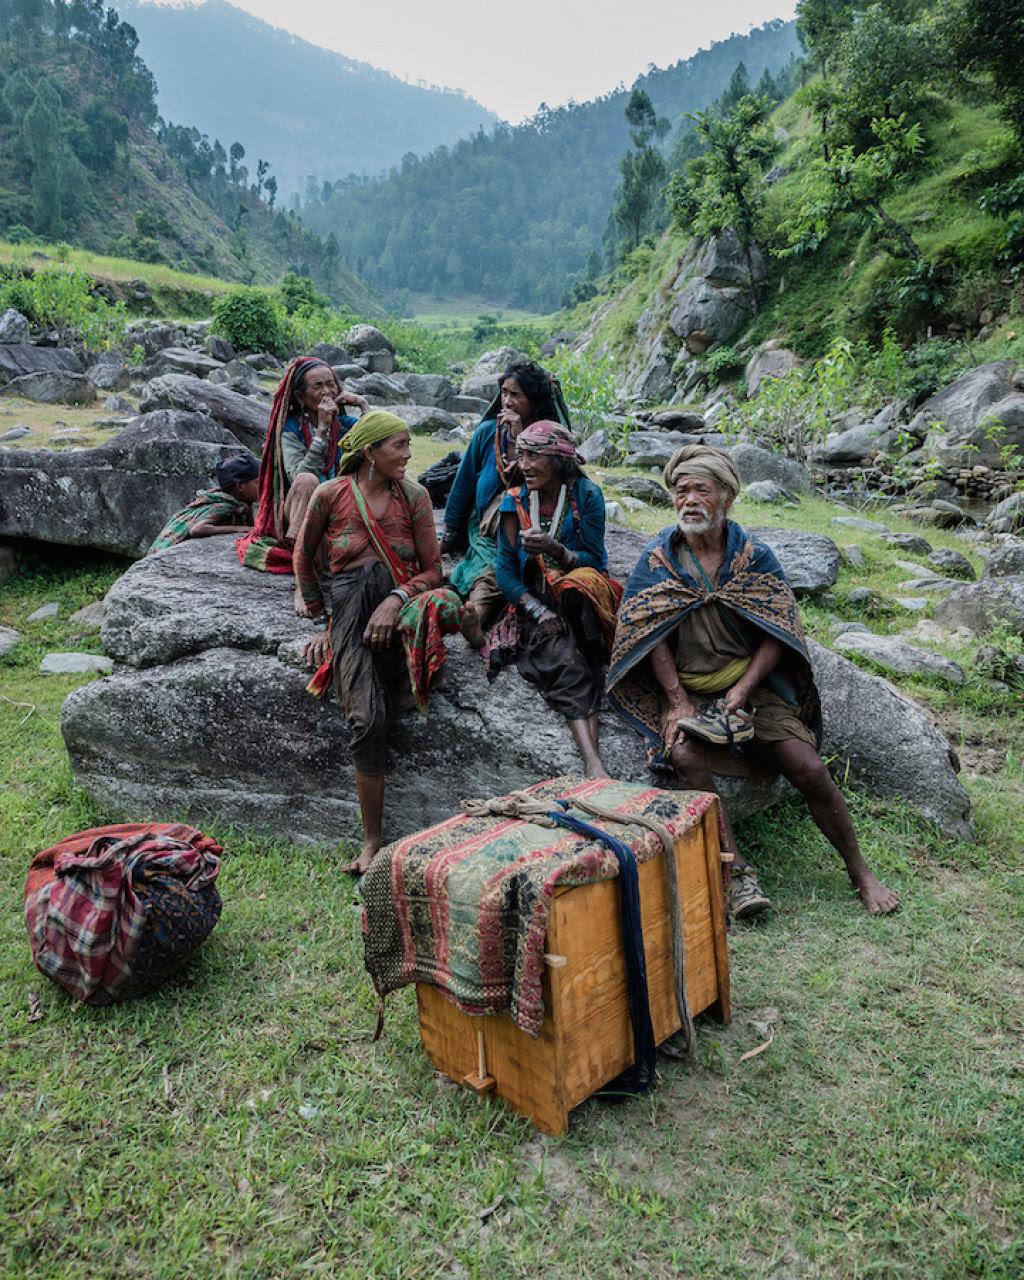 Fotógrafo documenta os últimos caçadores-coletores de tribo do Himalaia 15